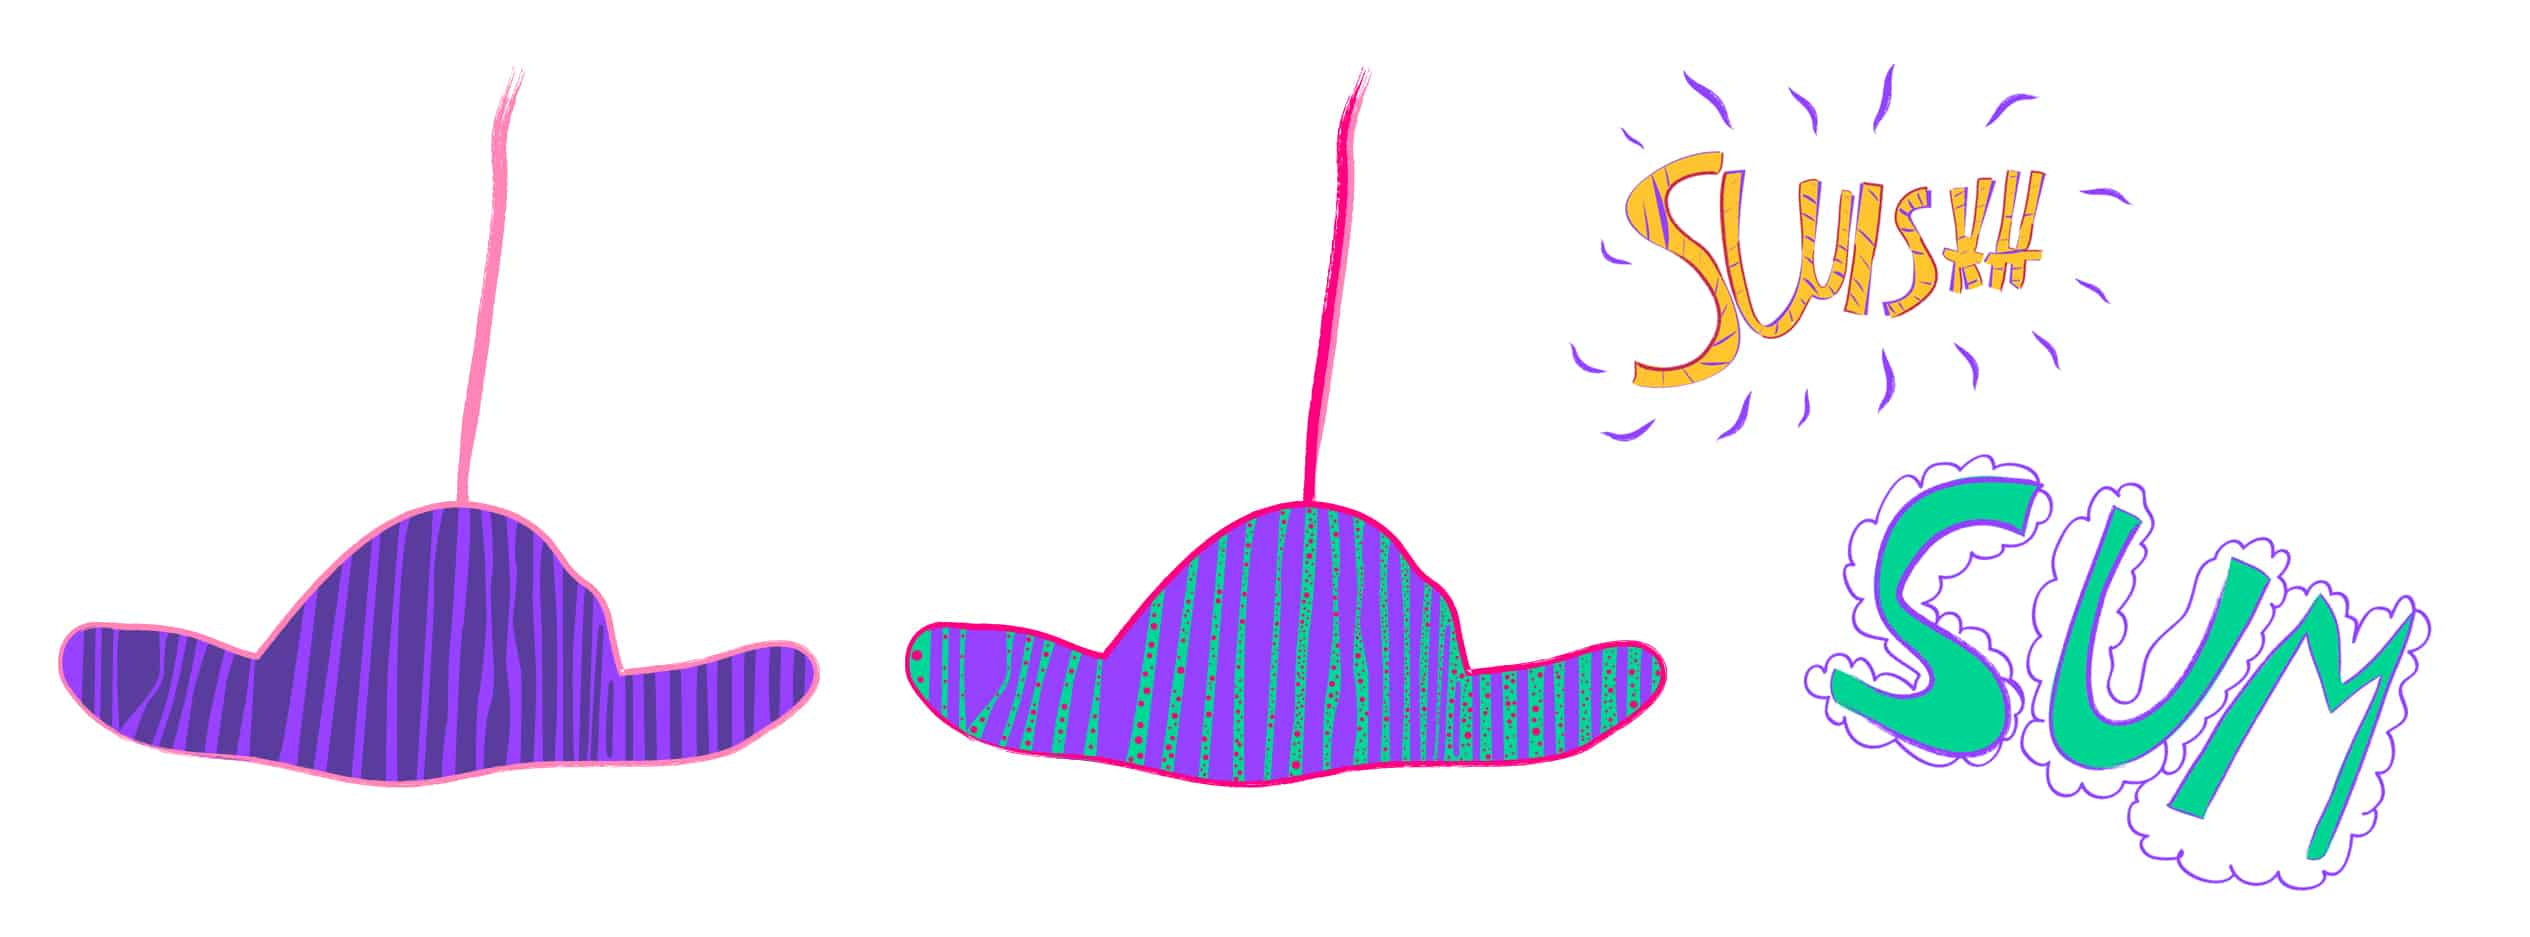 stereoscopica - rosa hernandez